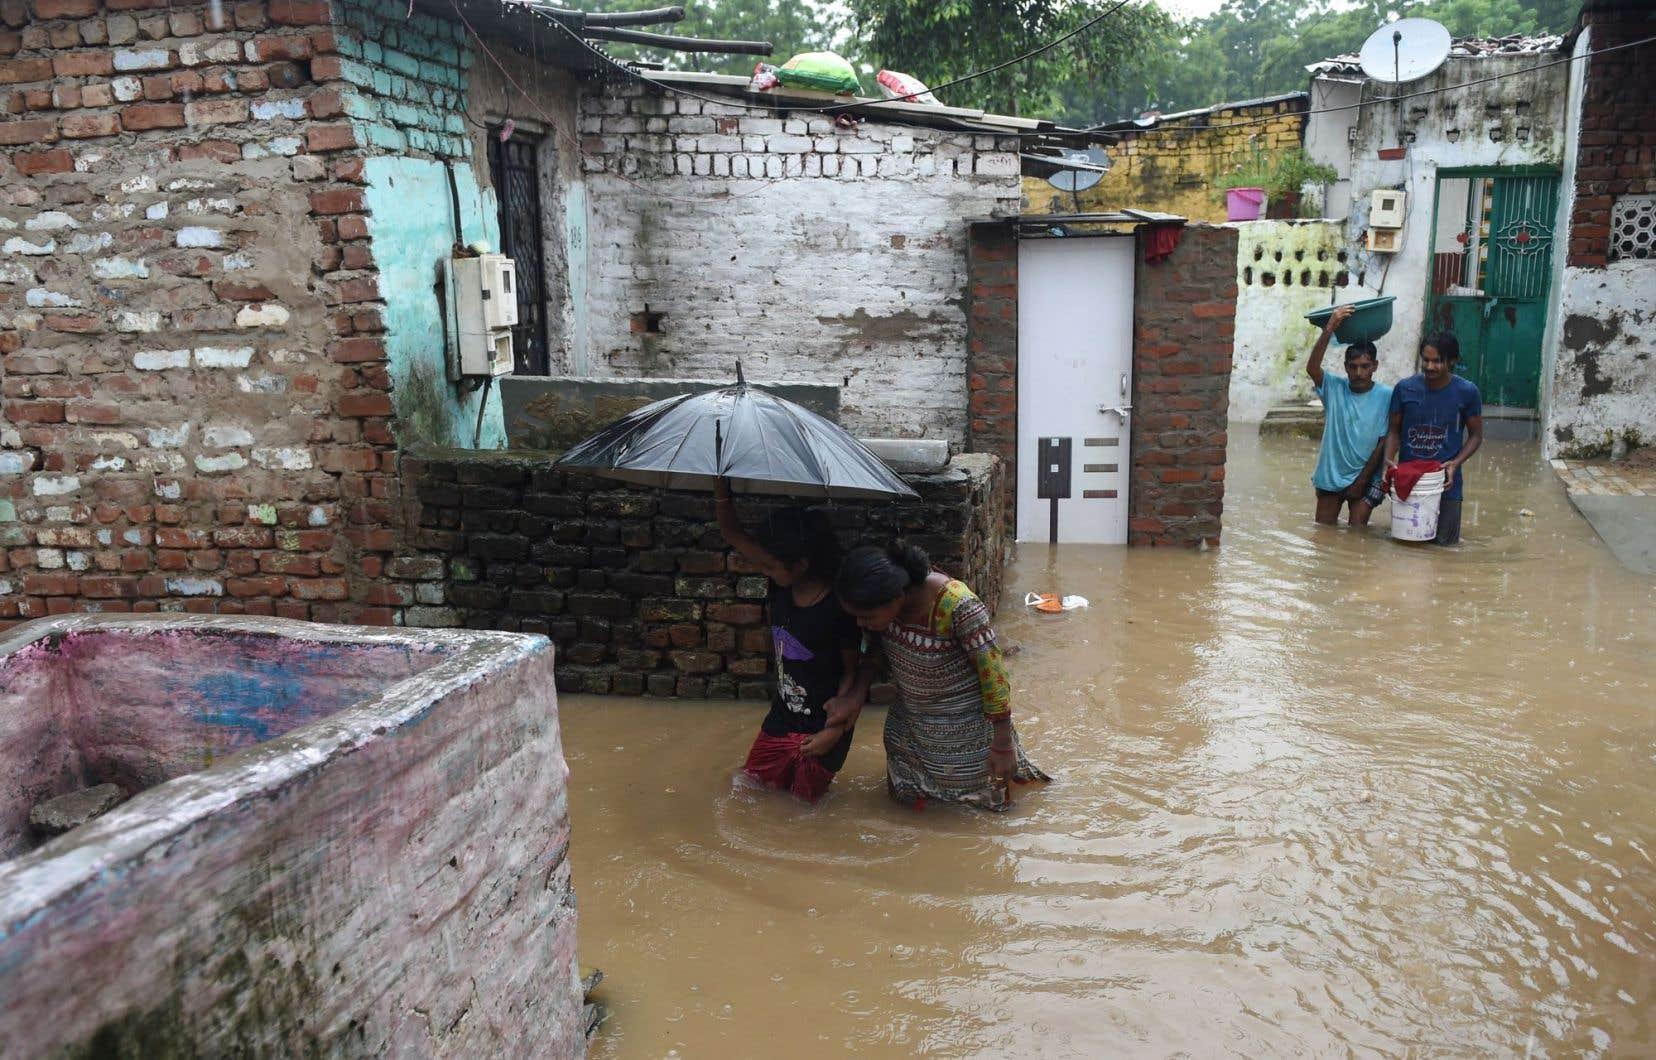 Les pluies diluviennes de la mousson continuent de faire des victimes en Inde.